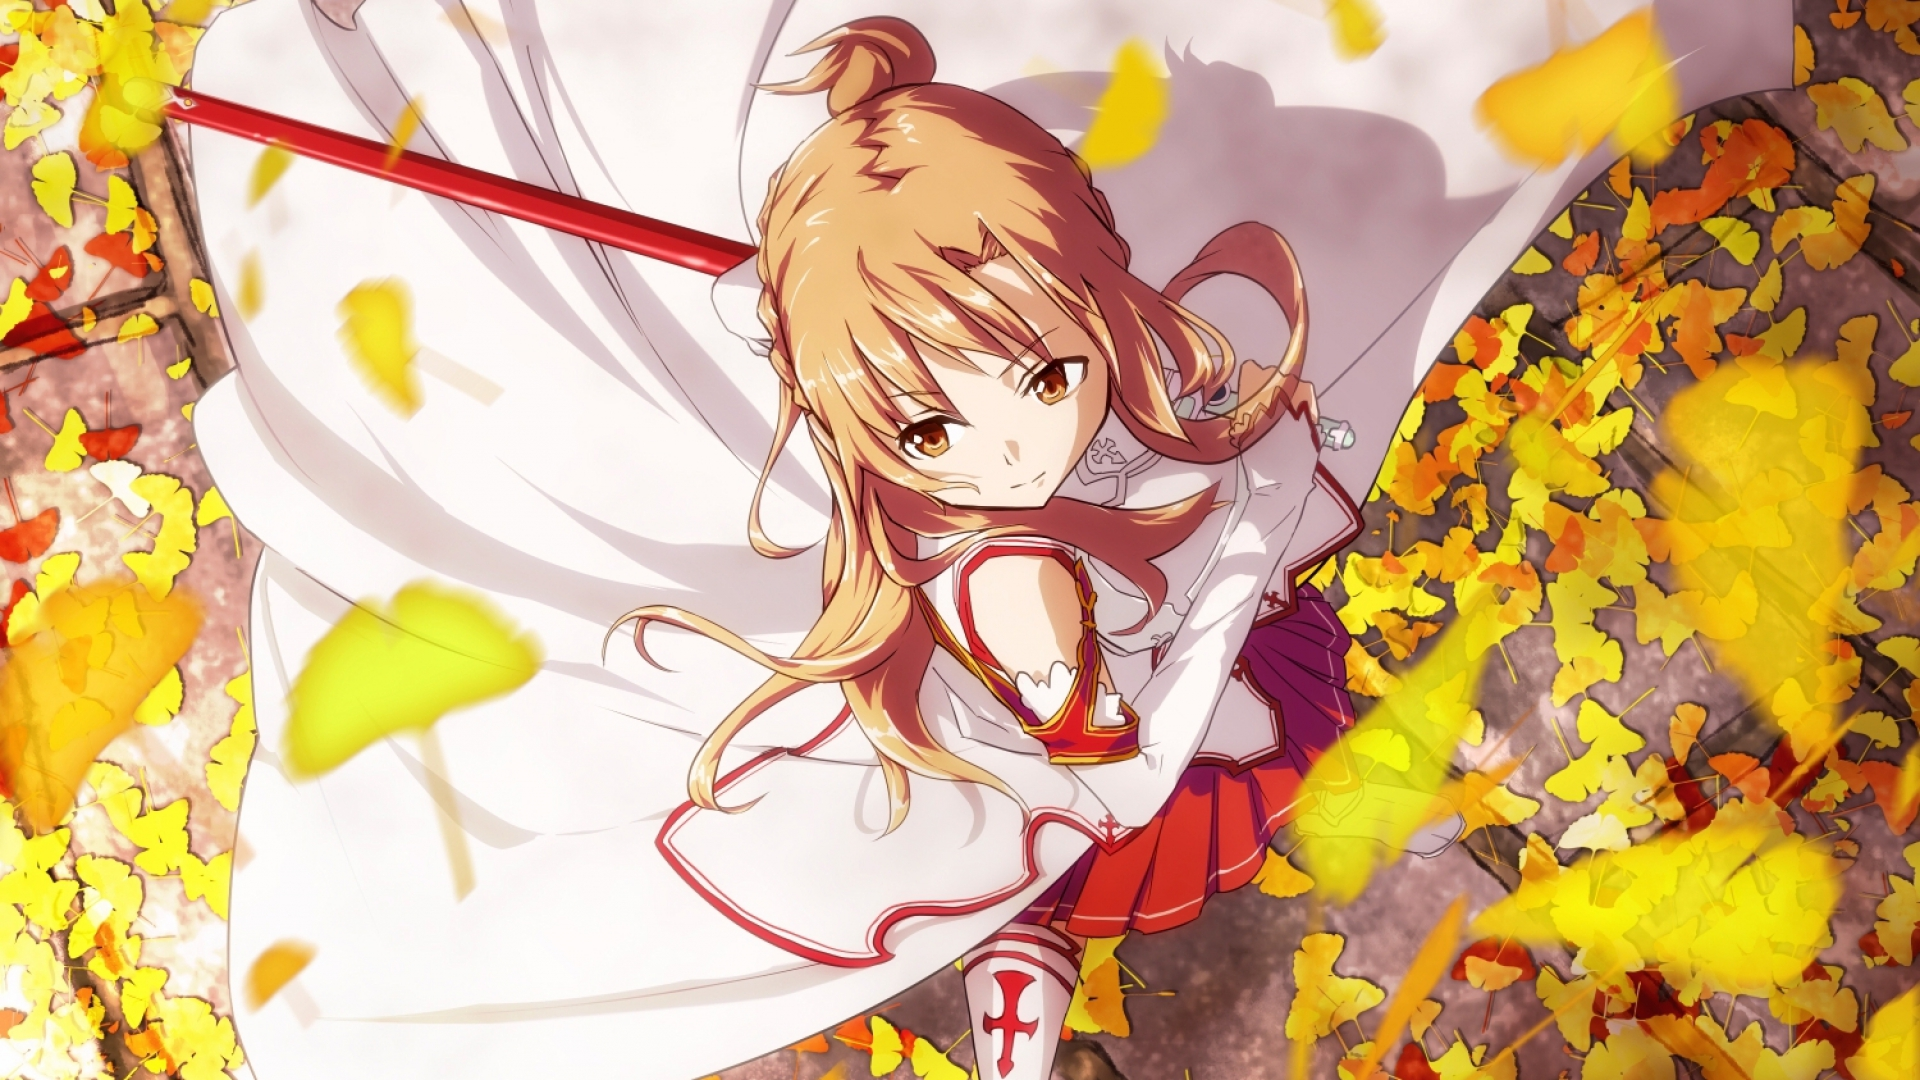 sword art online anime wallpaper - photo #31